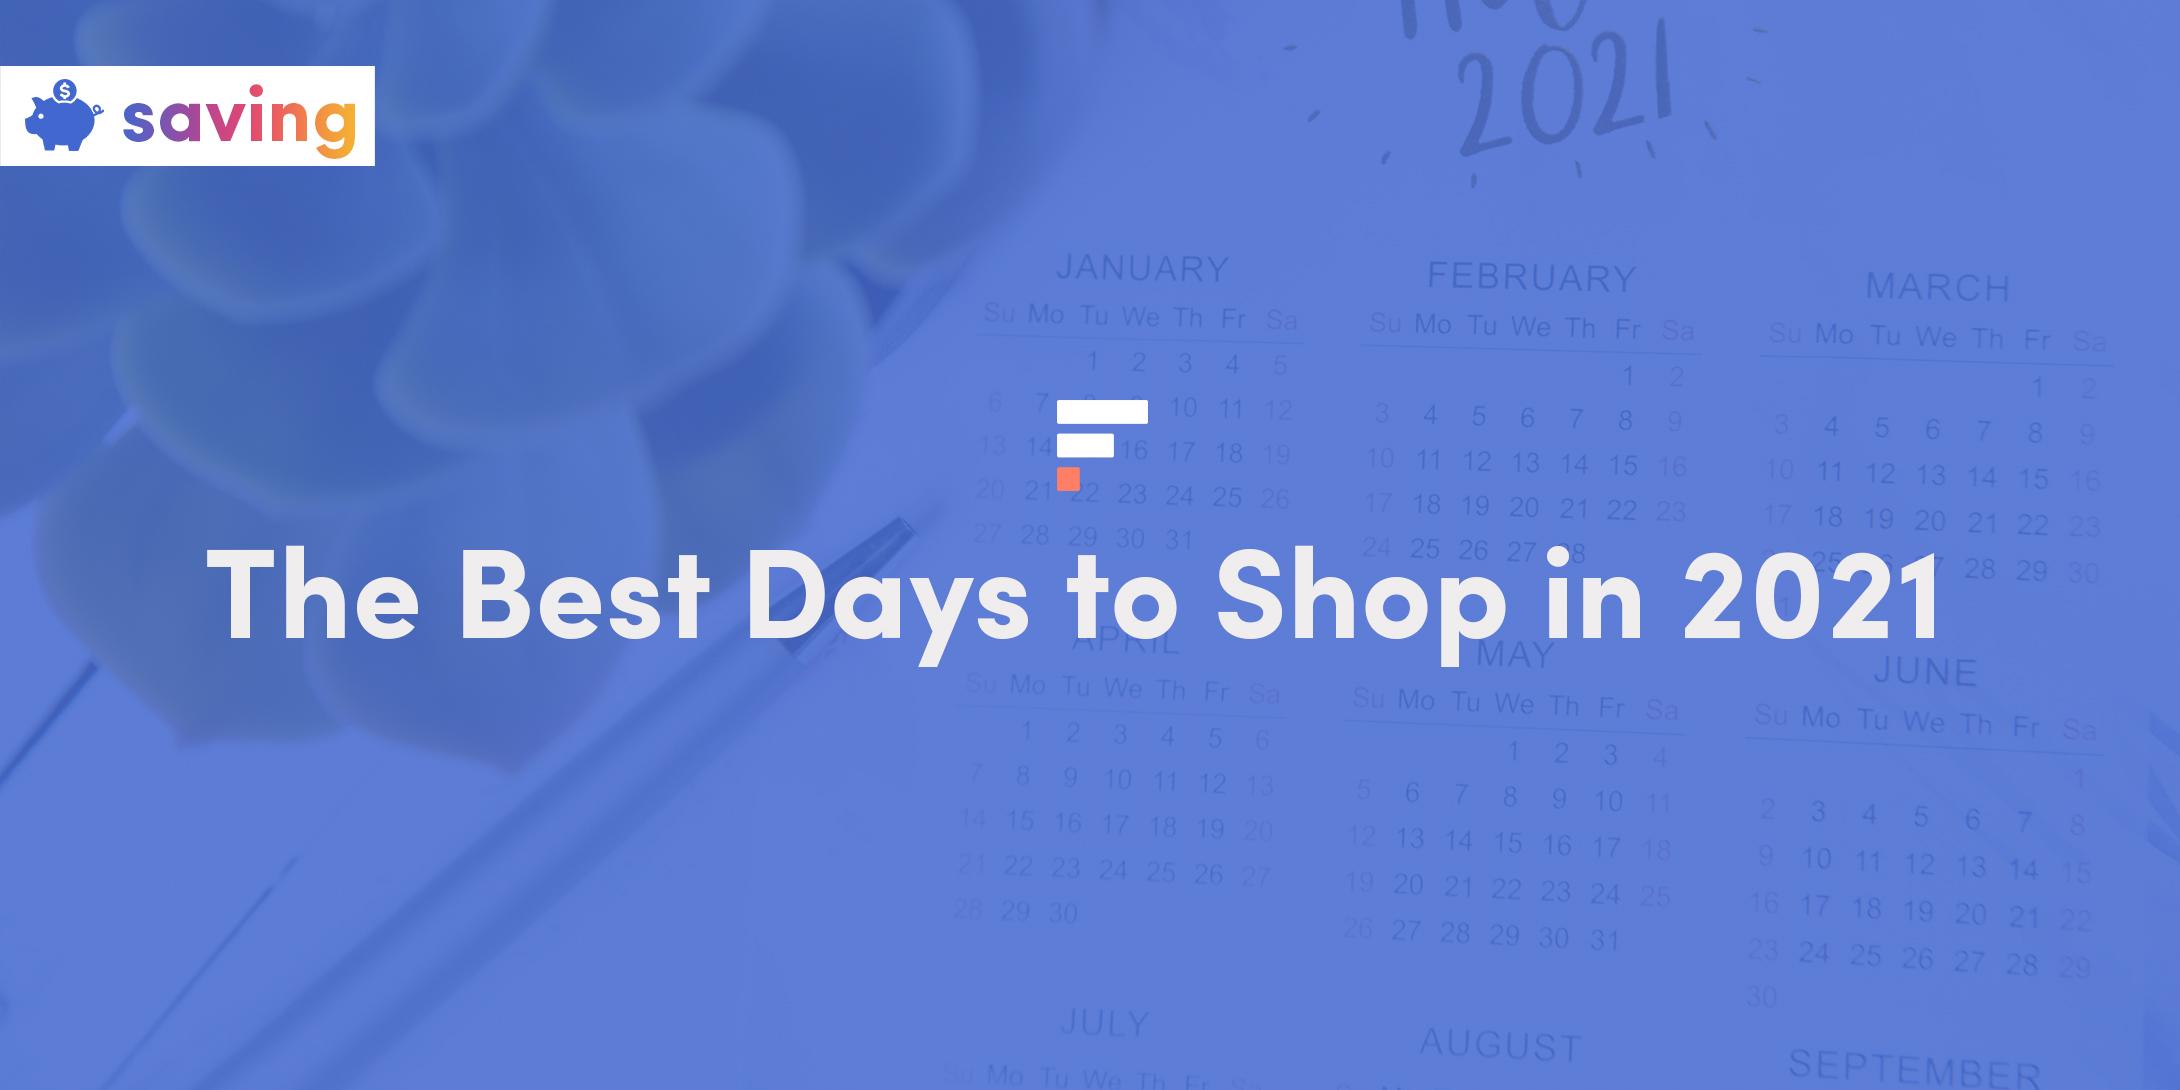 Best days to shop in 2021